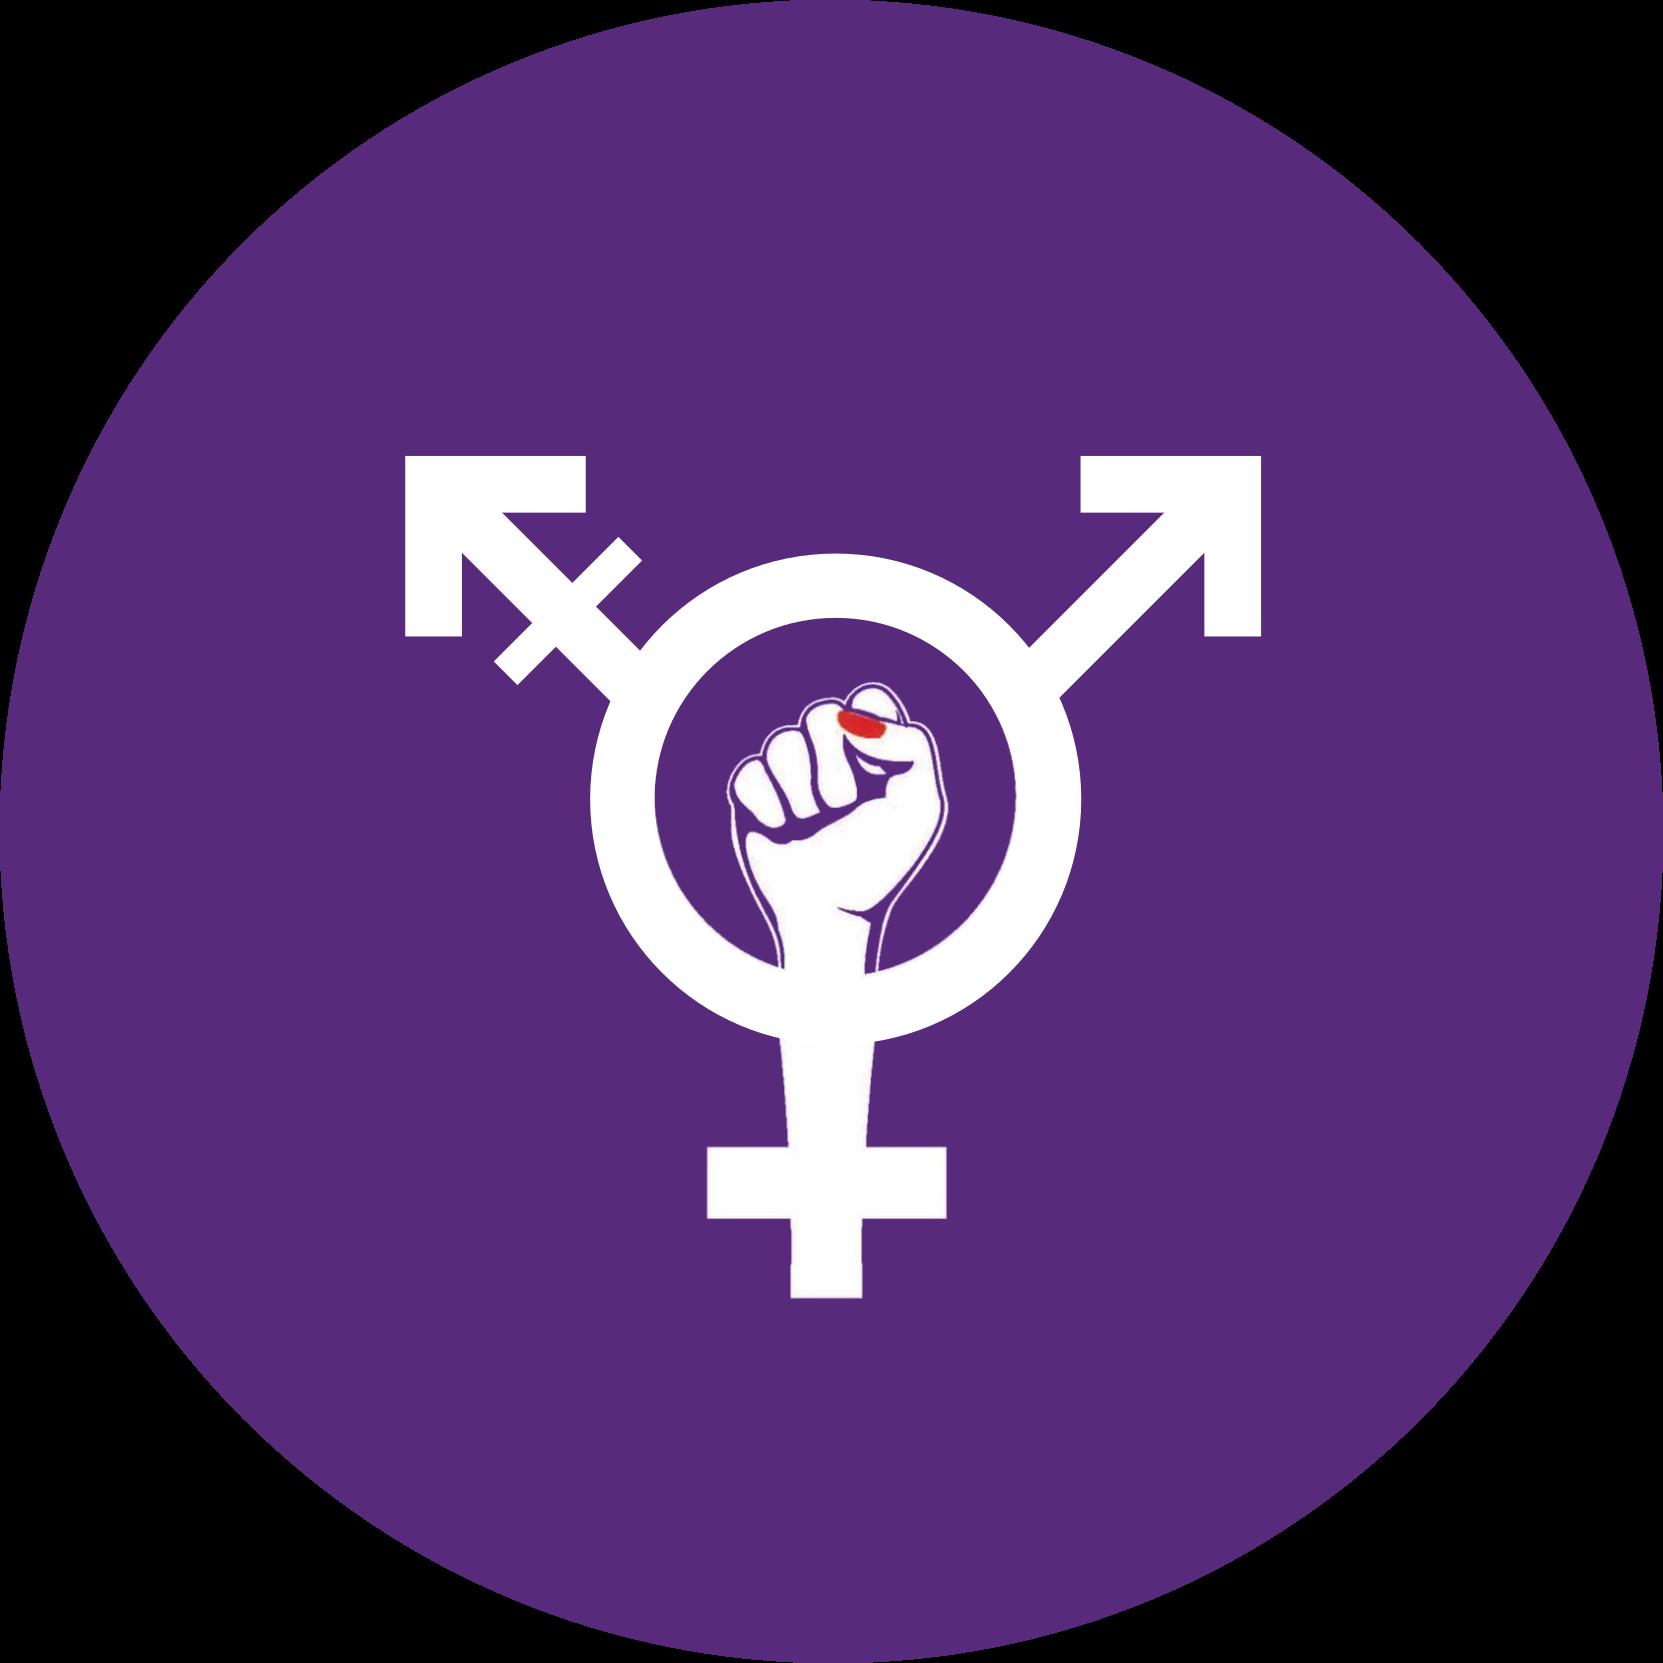 intersektionales feministisches Symbol mit der Faust mit dem rot lackierten Daumennagel in der Mitte auf violettem Hintergrund